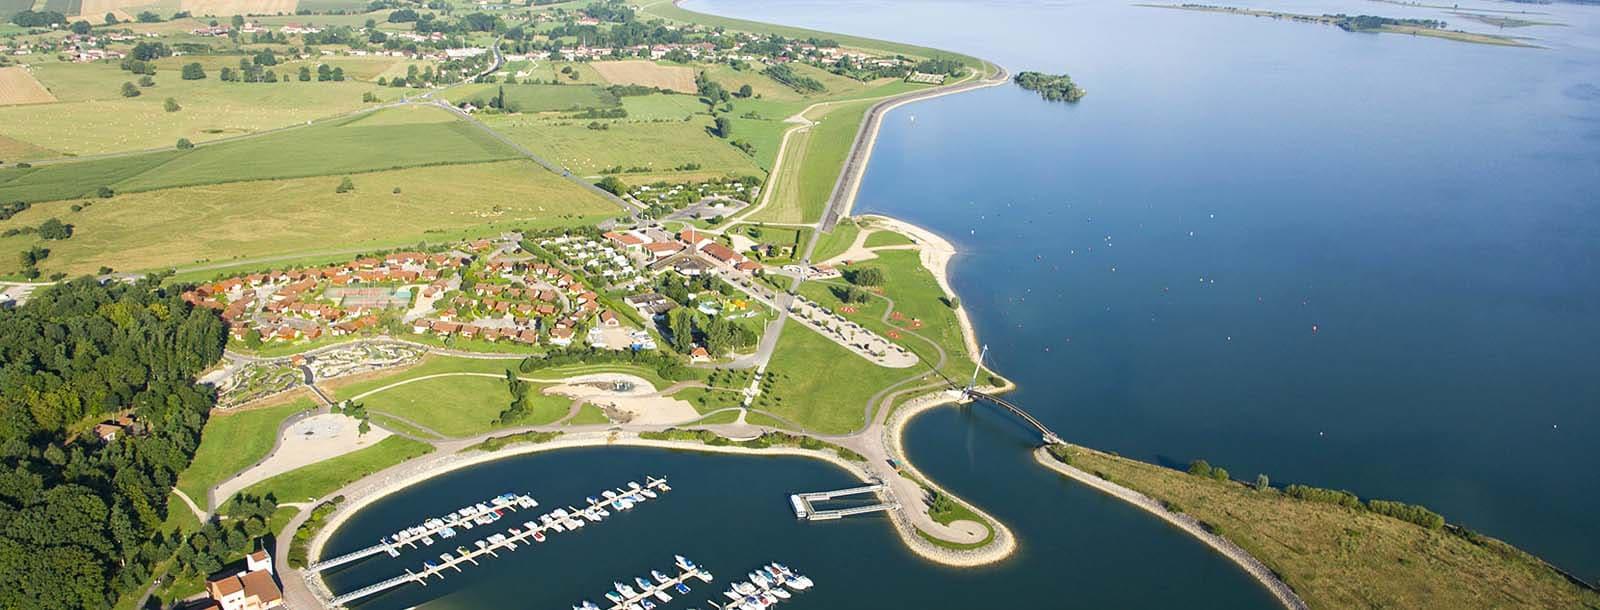 Élaboration d'un projet de développement touristique partagé pour le territoire du Lac du Der